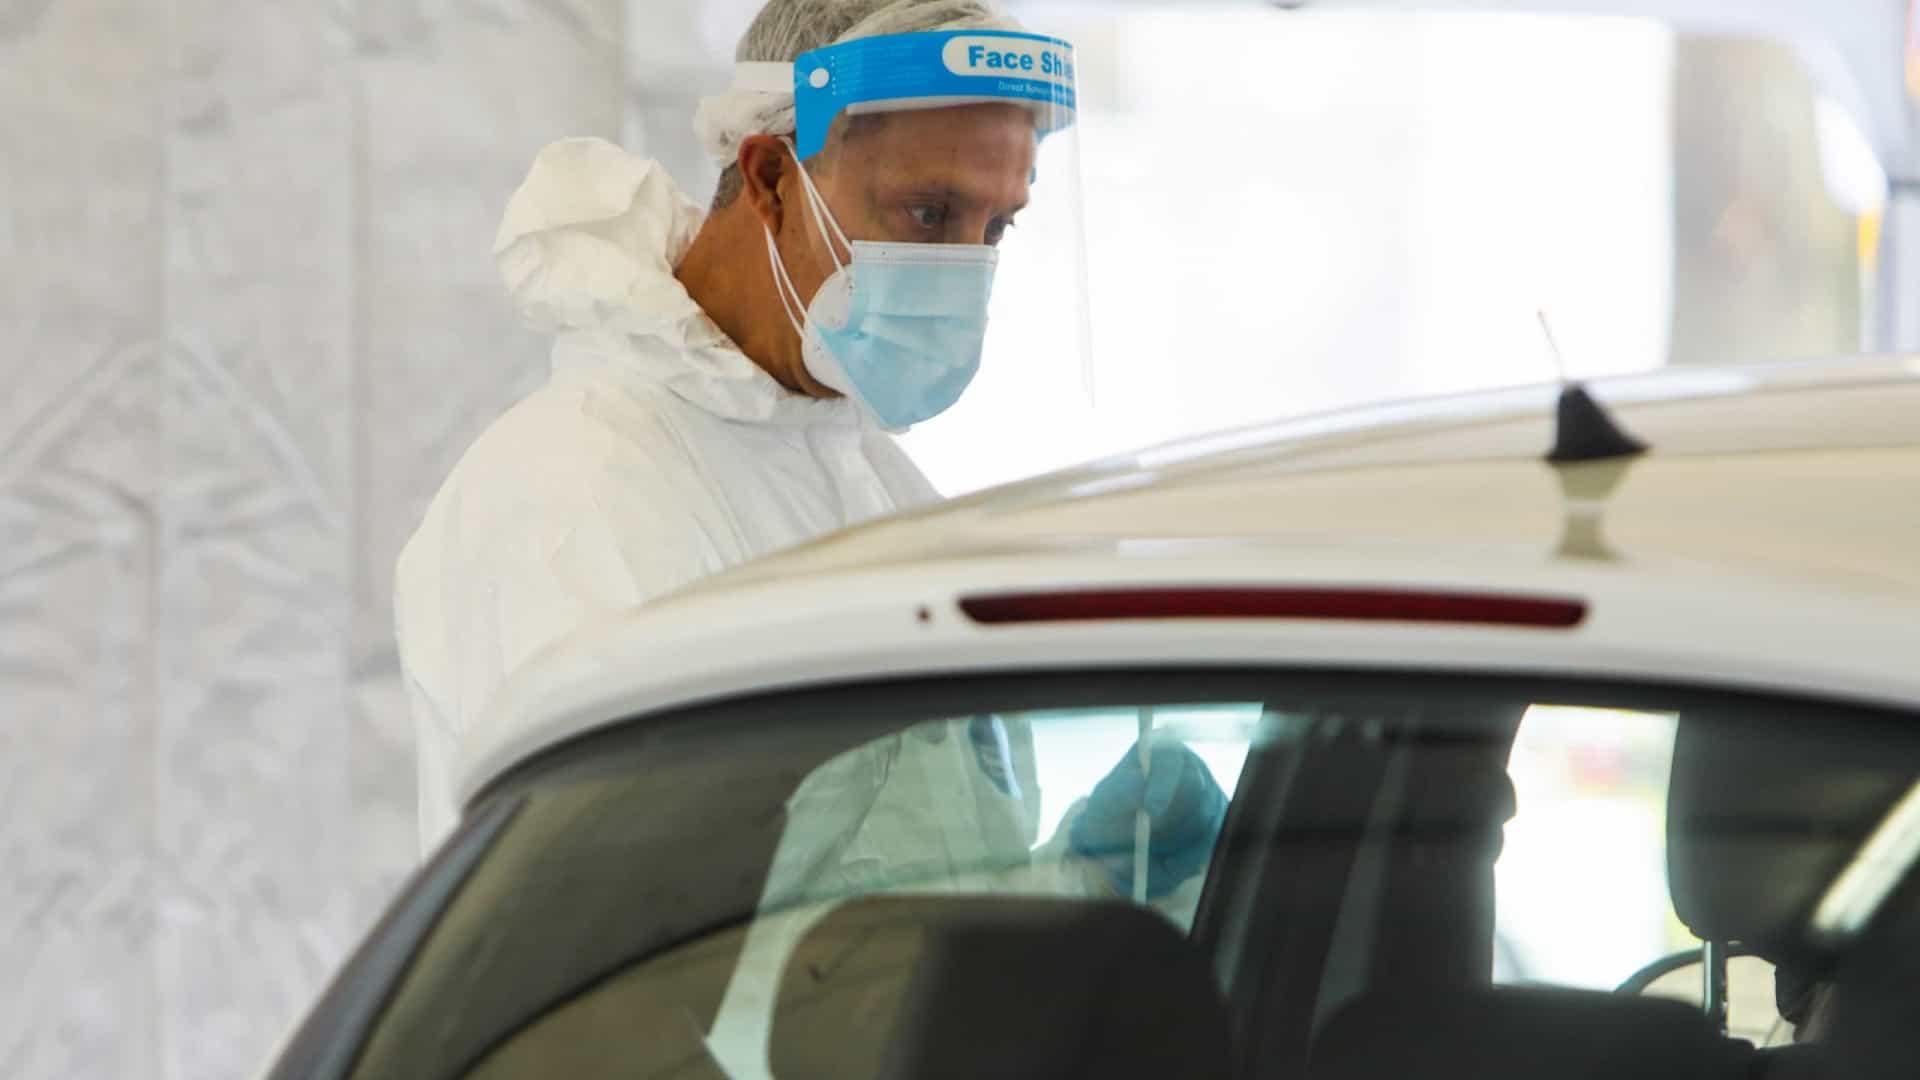 naom 5faac5ff008ad - Itália registra 35.098 novos casos de Covid-19 e mais 580 mortes num dia